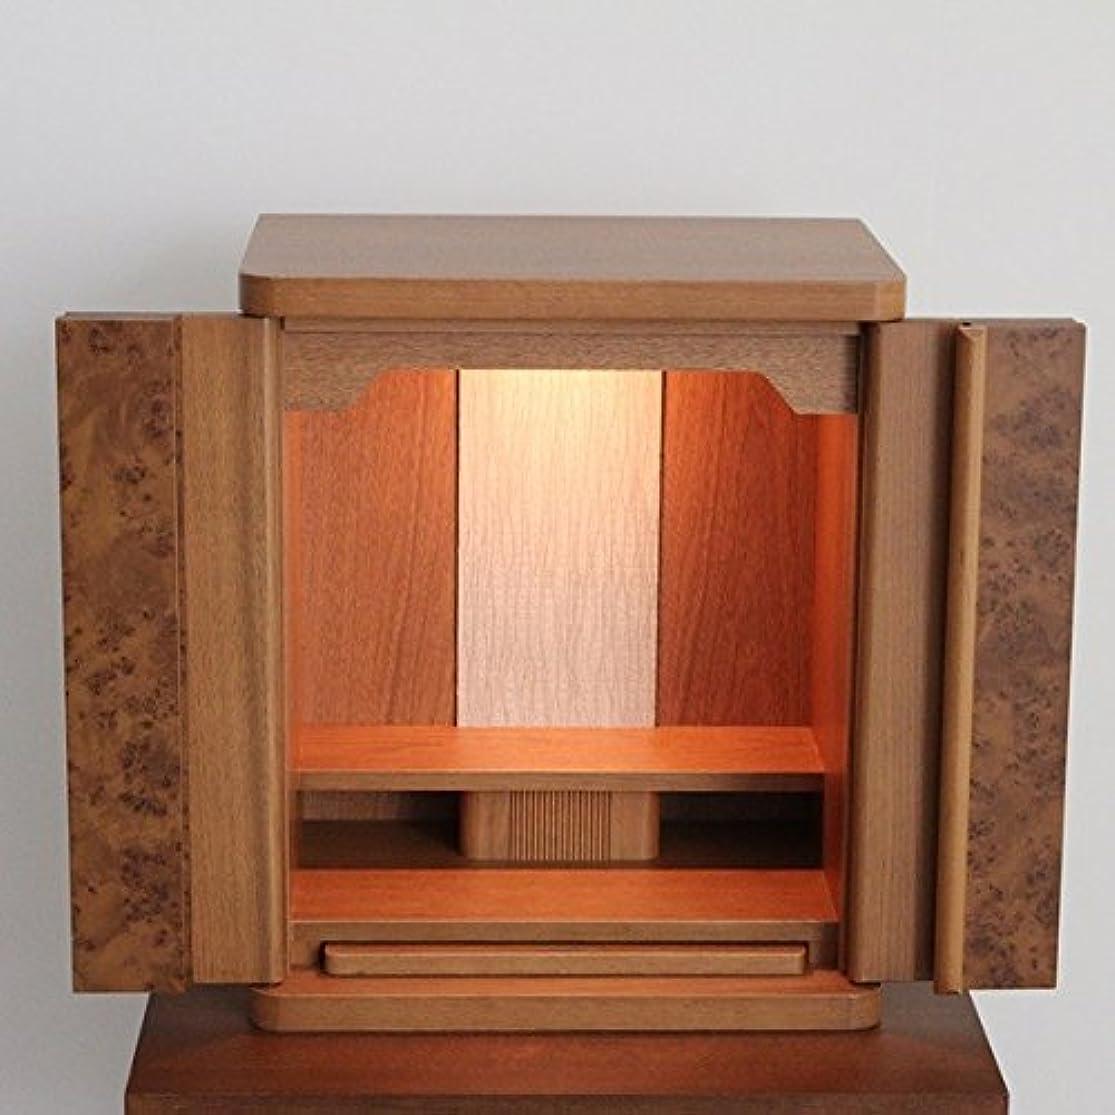 専門化するパフ口述仏壇 国産 14号 家具調モダン仏壇 小型 クルミ総張材 玉木仕上げ